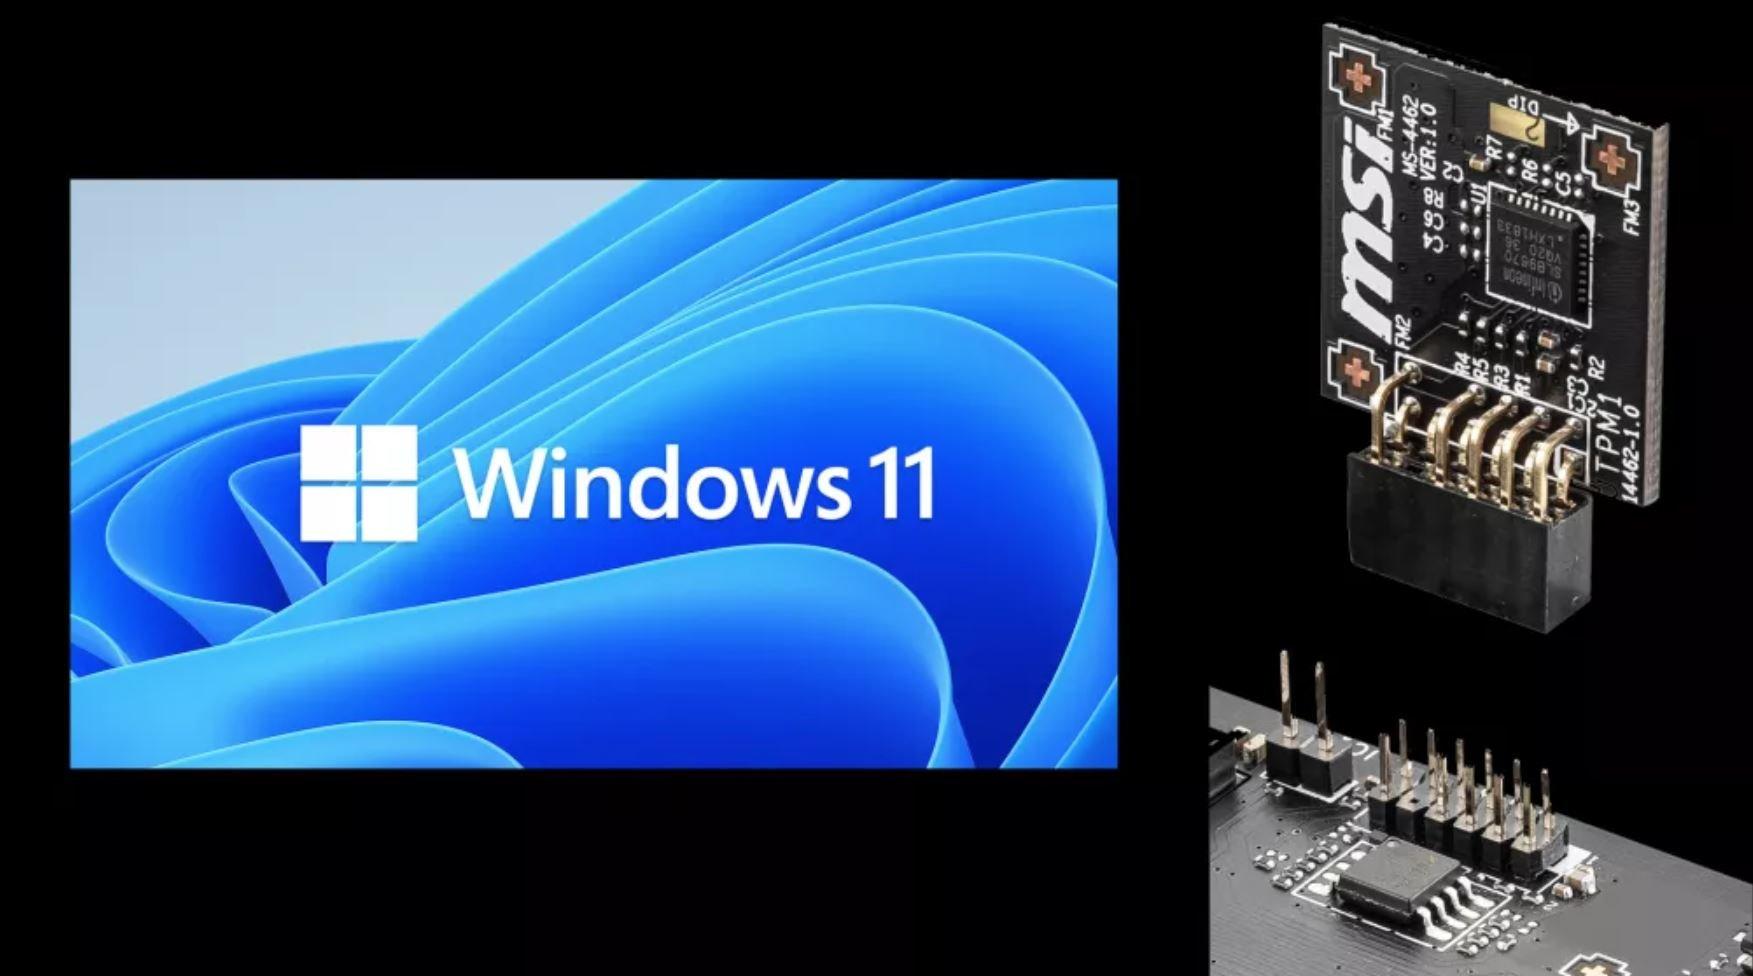 ویندوز ۱۱ را میتوان روی برخی سیستمهای خاص بدون نیاز به TPM نصب کرد